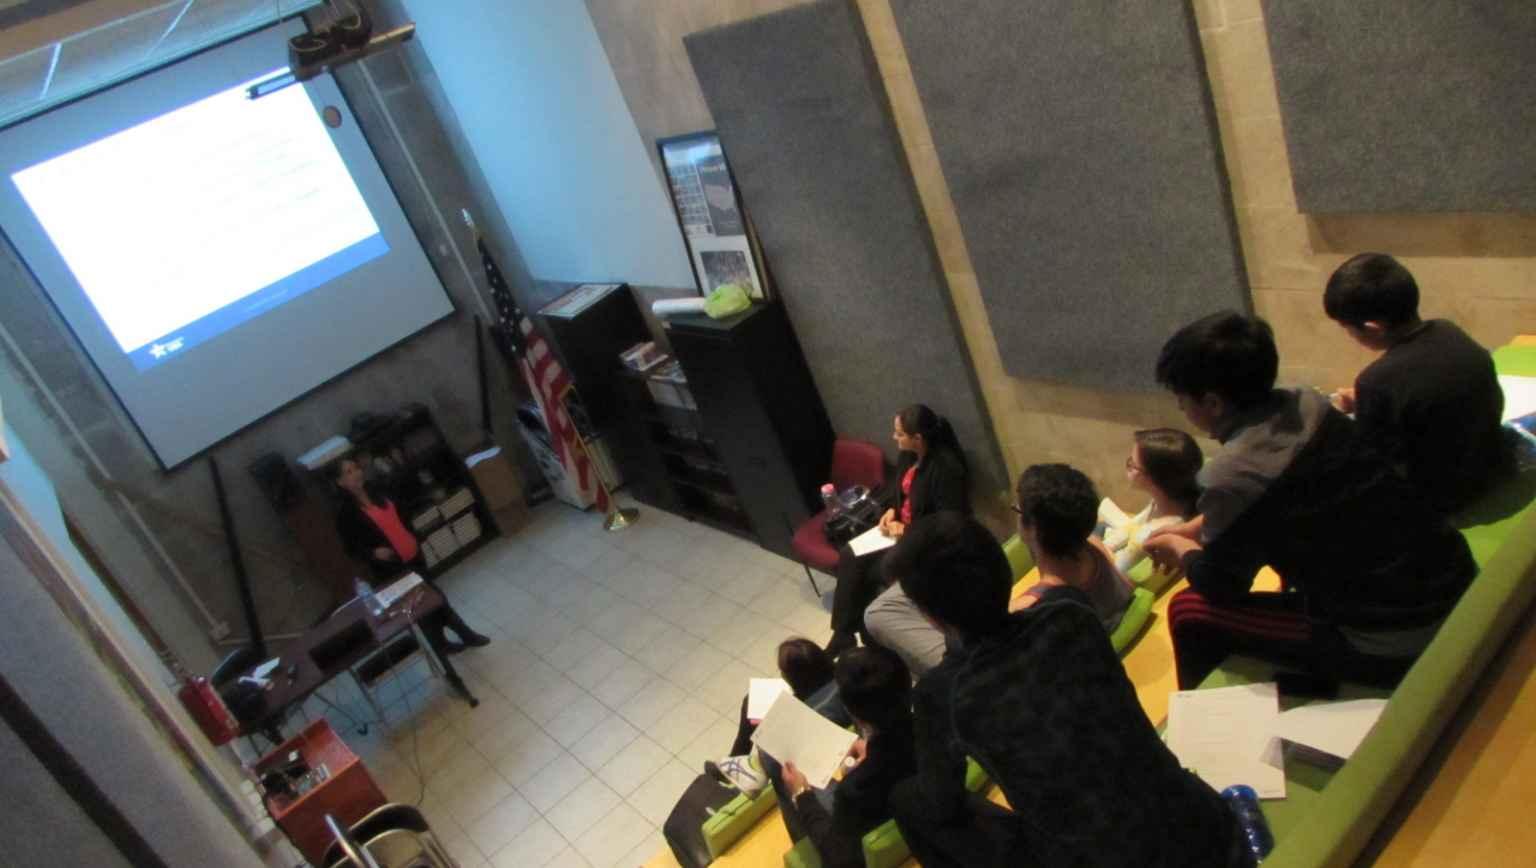 Public info session - EducationUSA Chihuahua